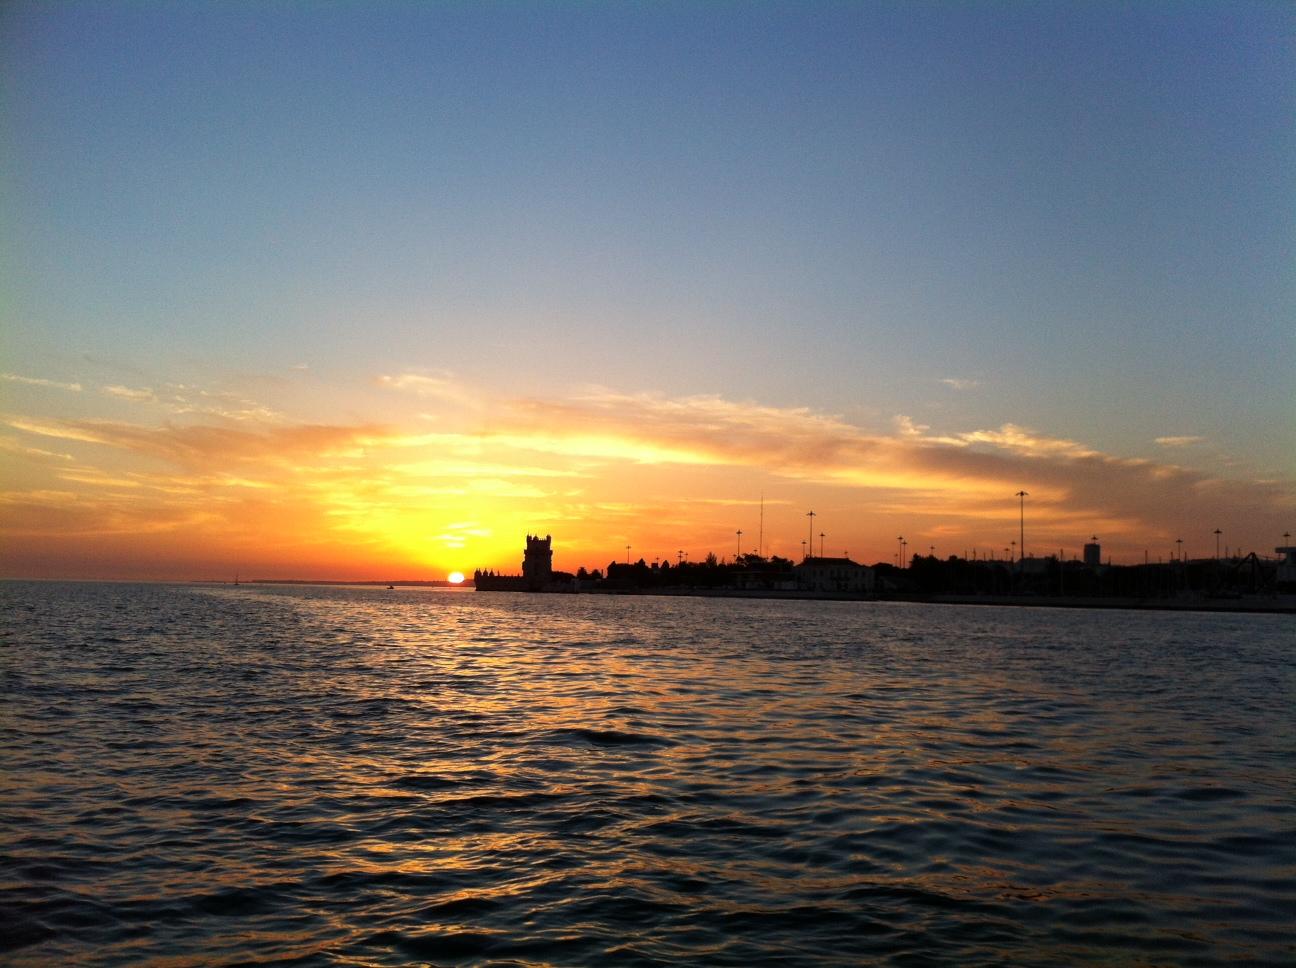 Sonnenuntergang vom Meer vor Lissabon aus